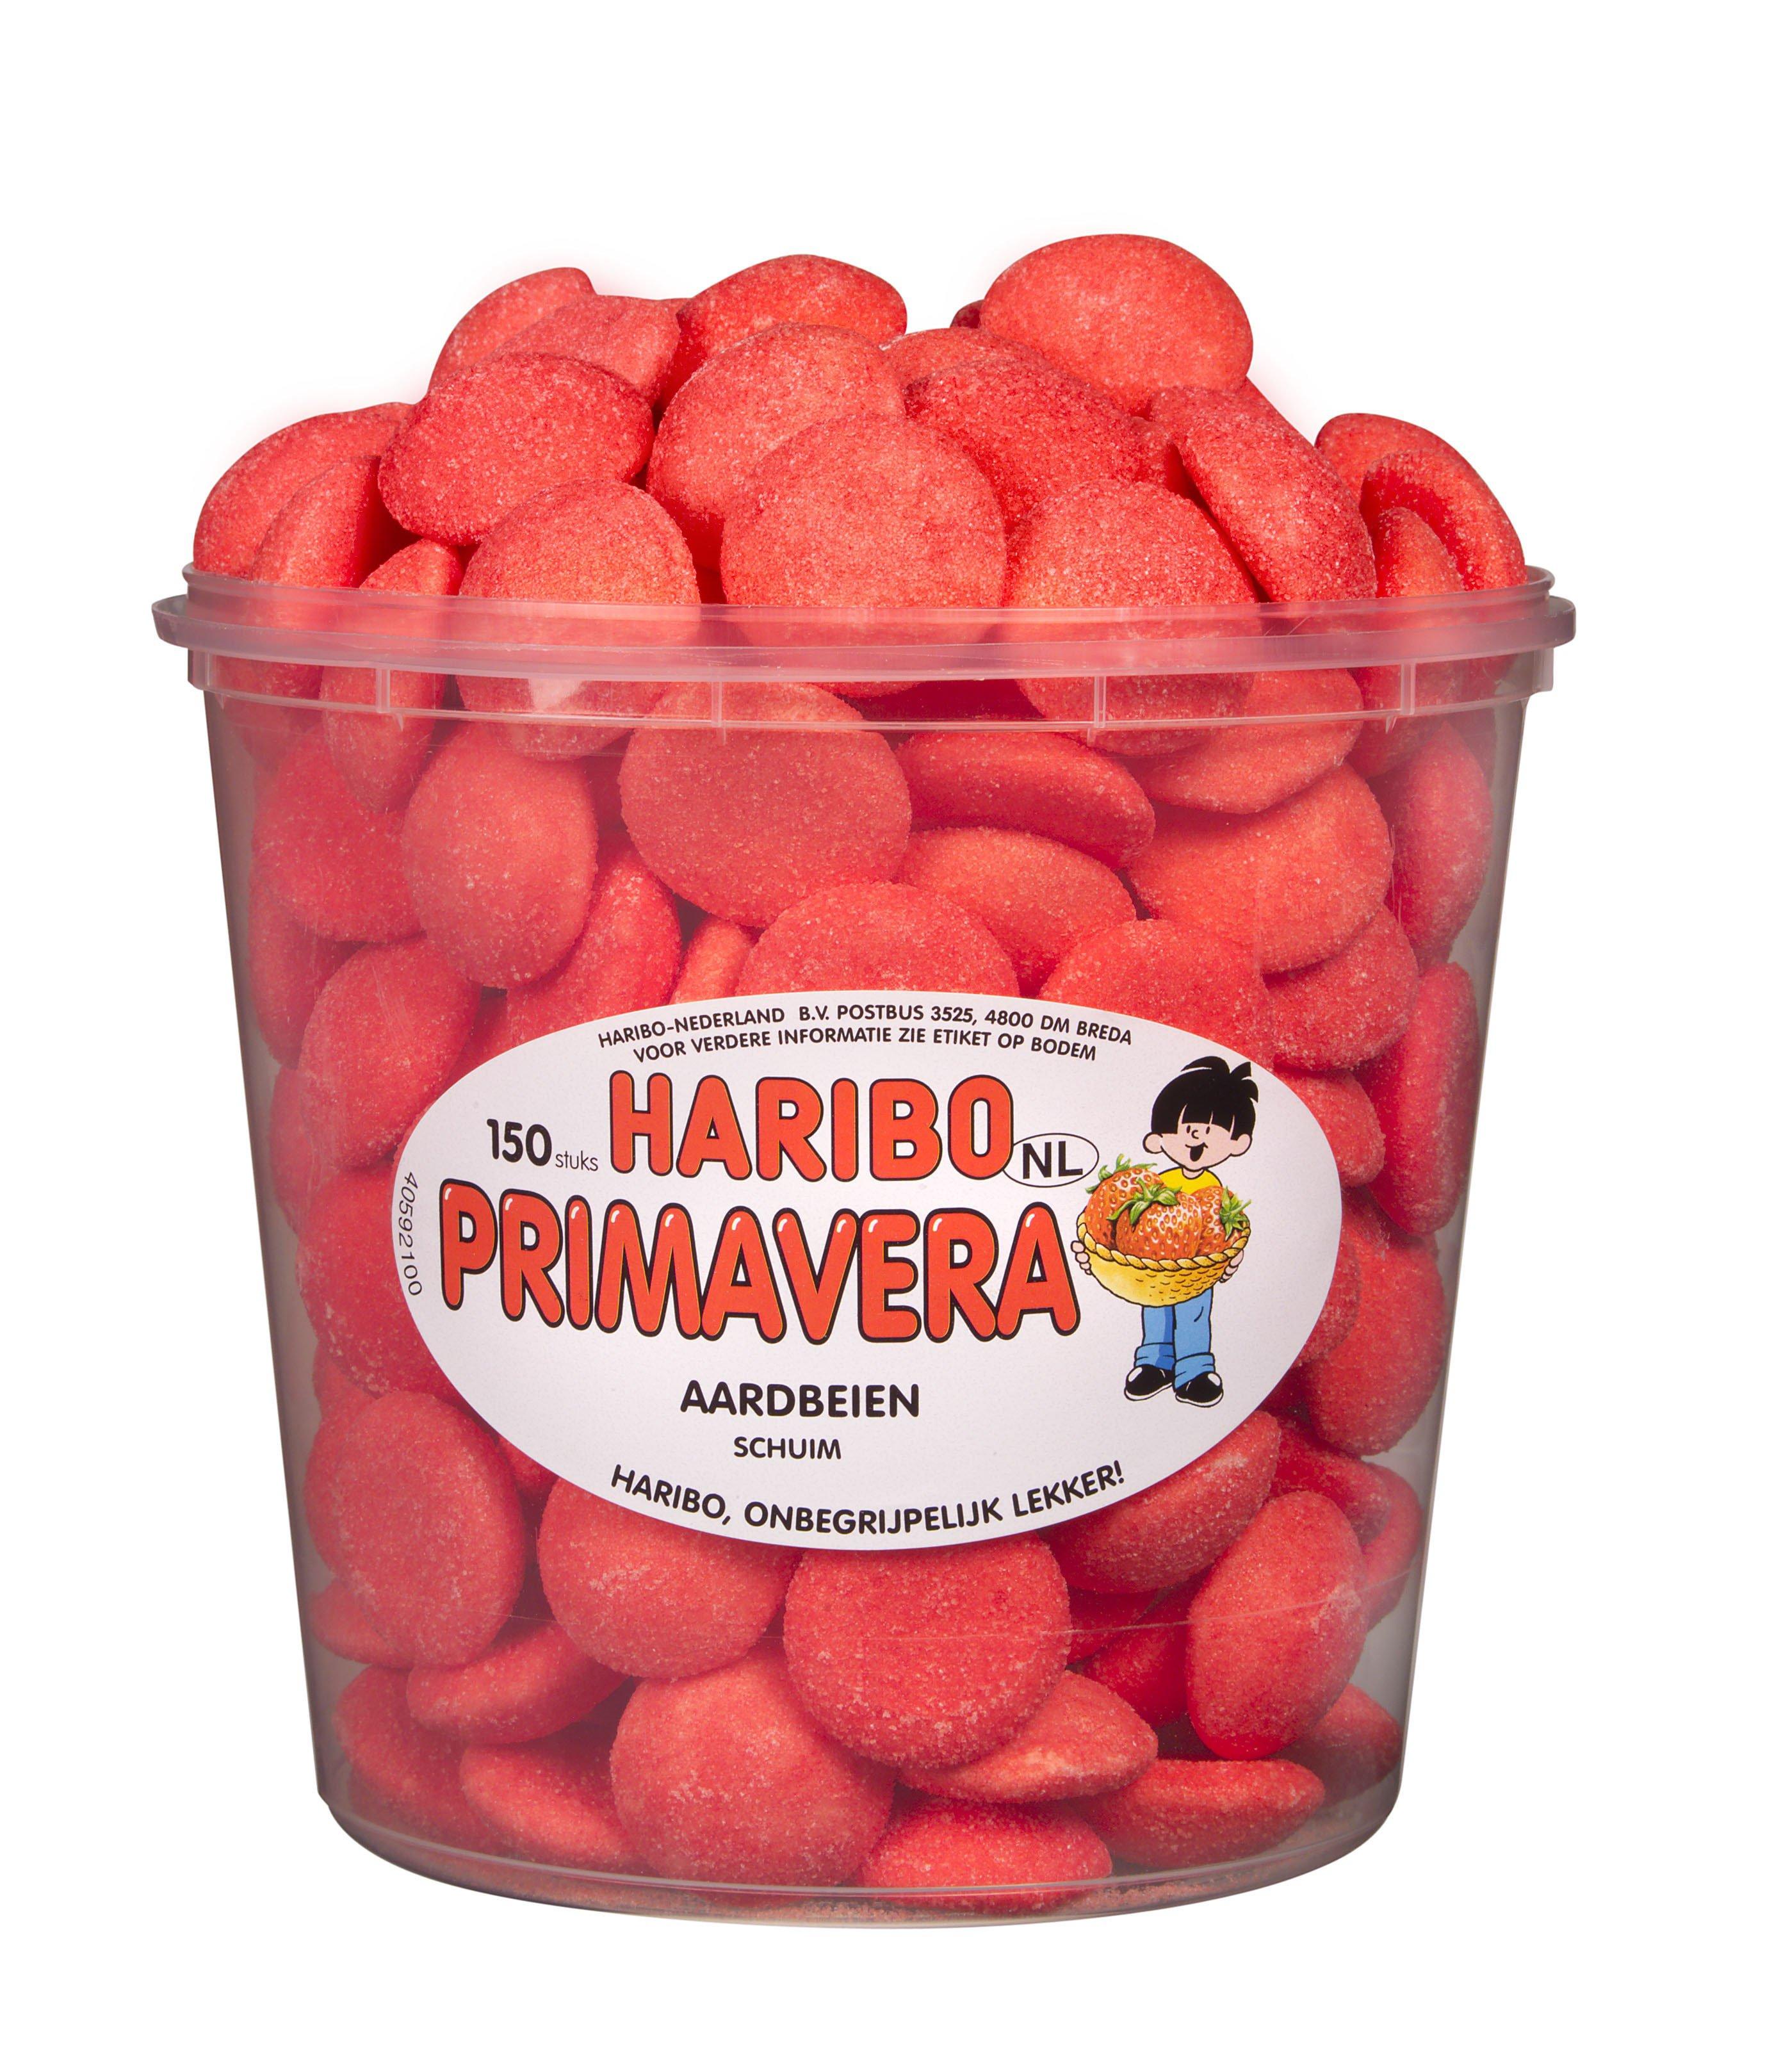 Haribo | Primavera Schuim aardbeien | 150 stuks